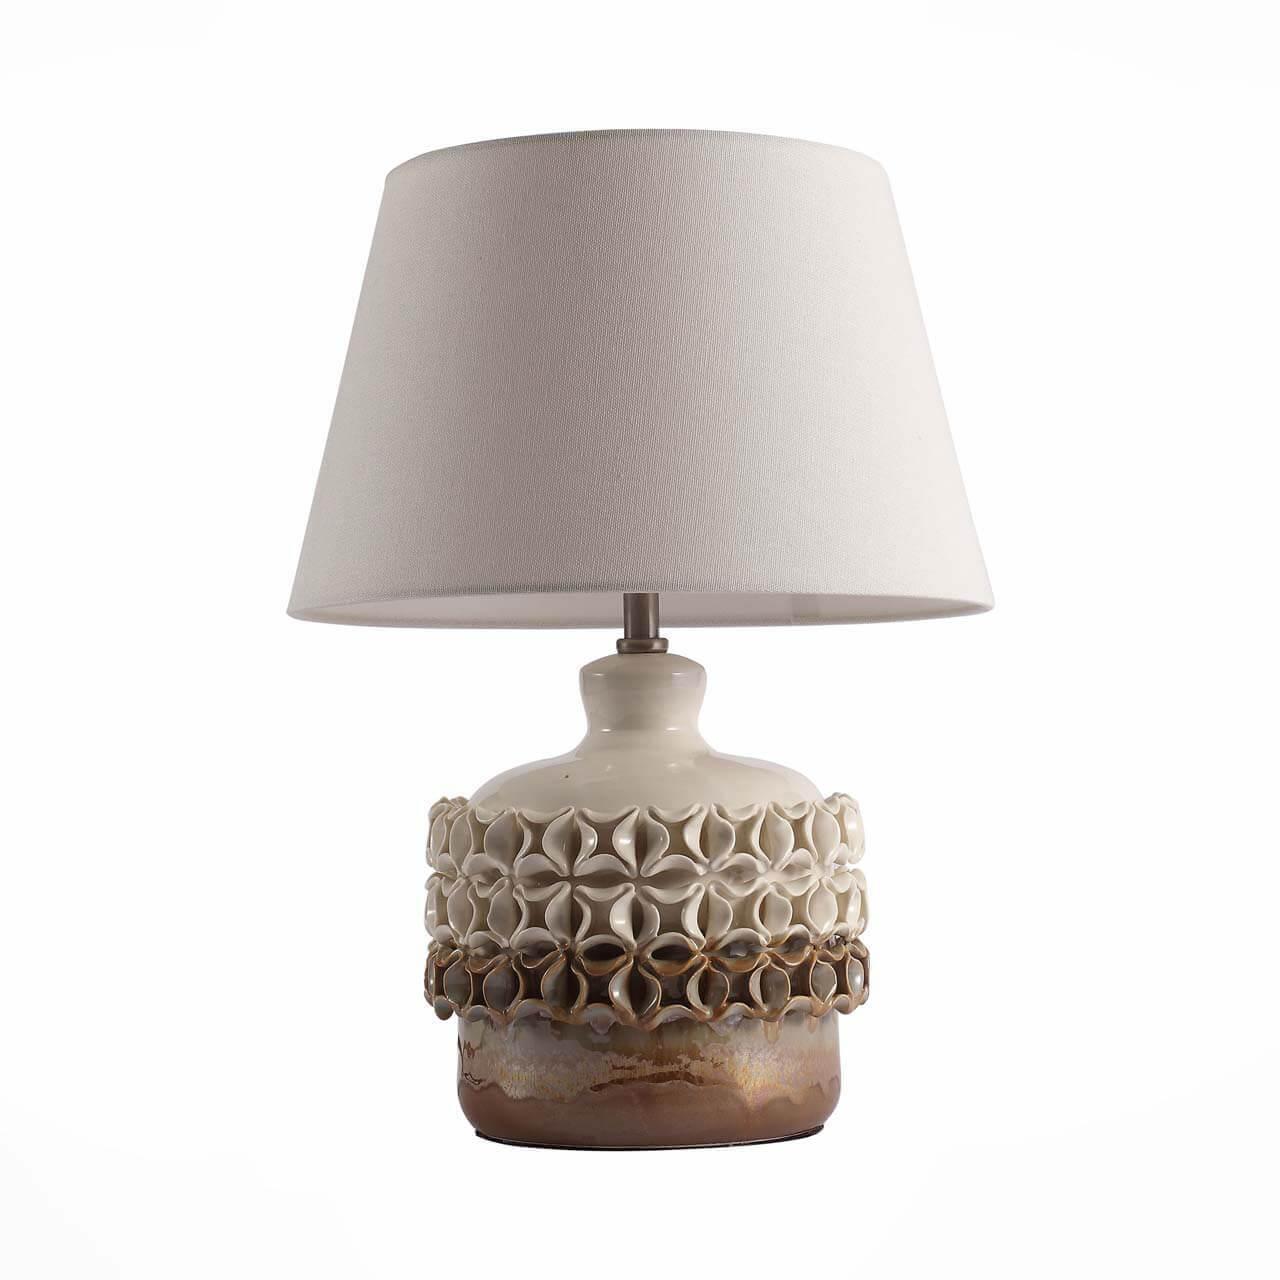 цена на Настольная лампа ST Luce Tabella SL995.504.01